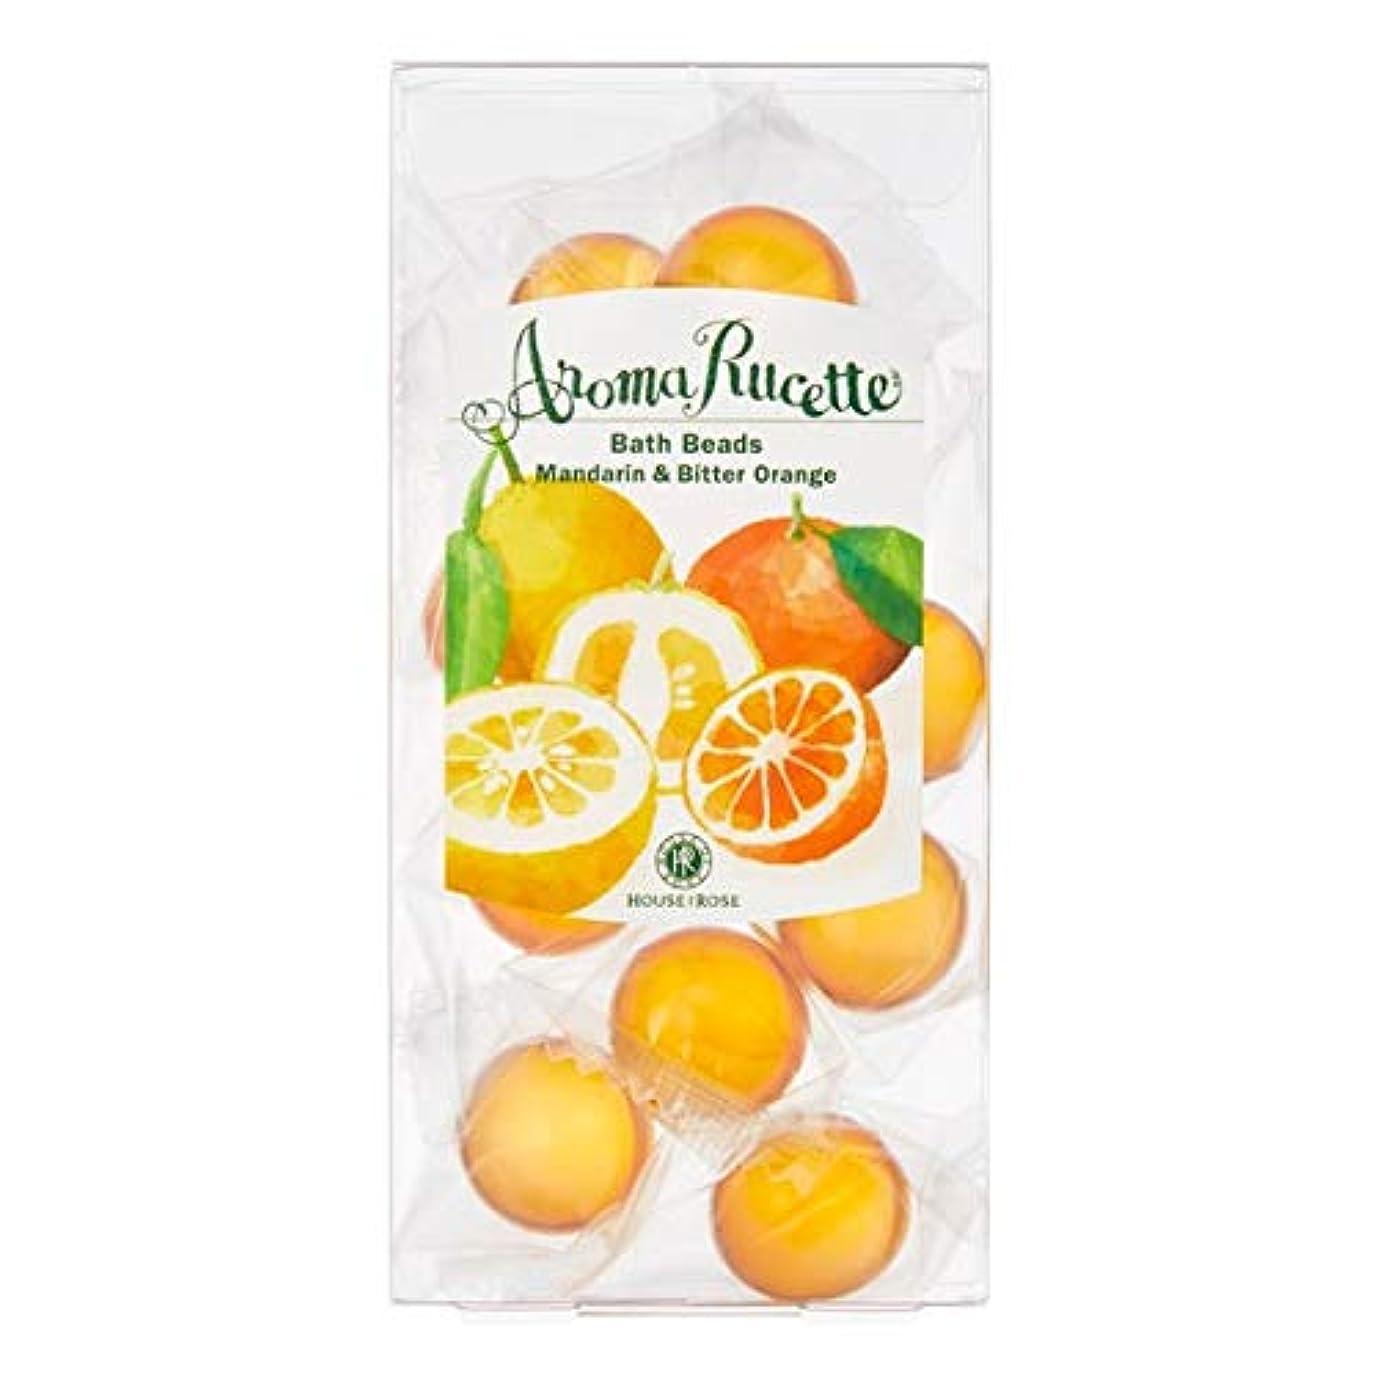 杭療法暫定のHOUSE OF ROSE(ハウスオブローゼ) ハウスオブローゼ/アロマルセット バスビーズ MD&BO(マンダリン&ビターオレンジの香り) 7g×11個